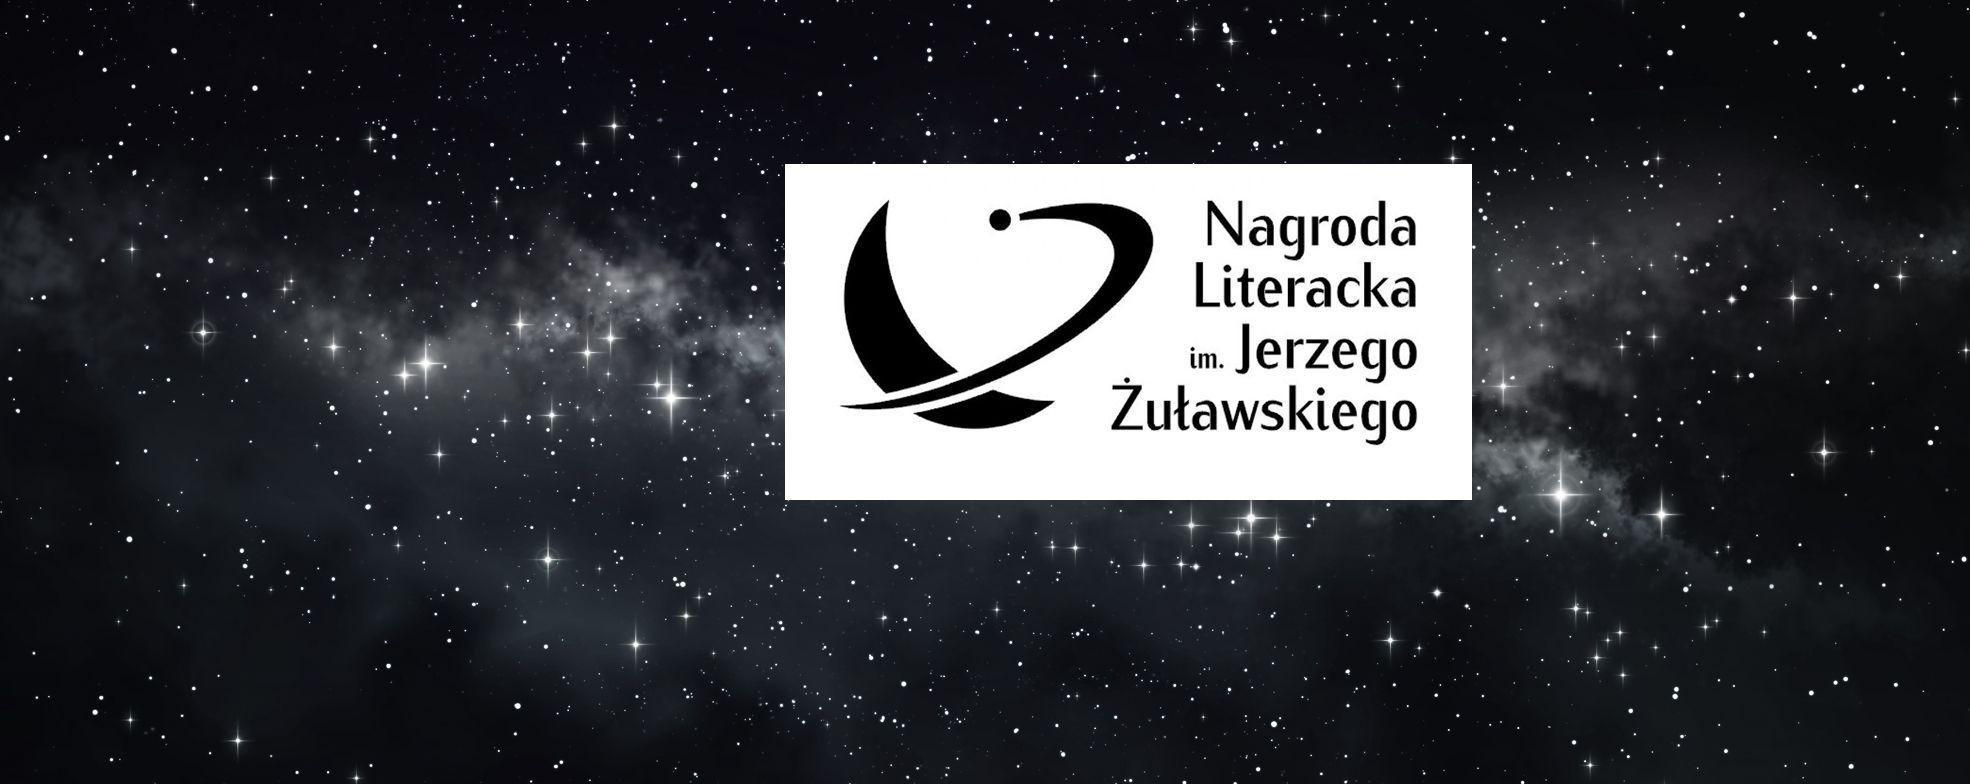 Znamy nominacje do Nagrody Literackiej im. Jerzego Żuławskiego w 2020 r.!